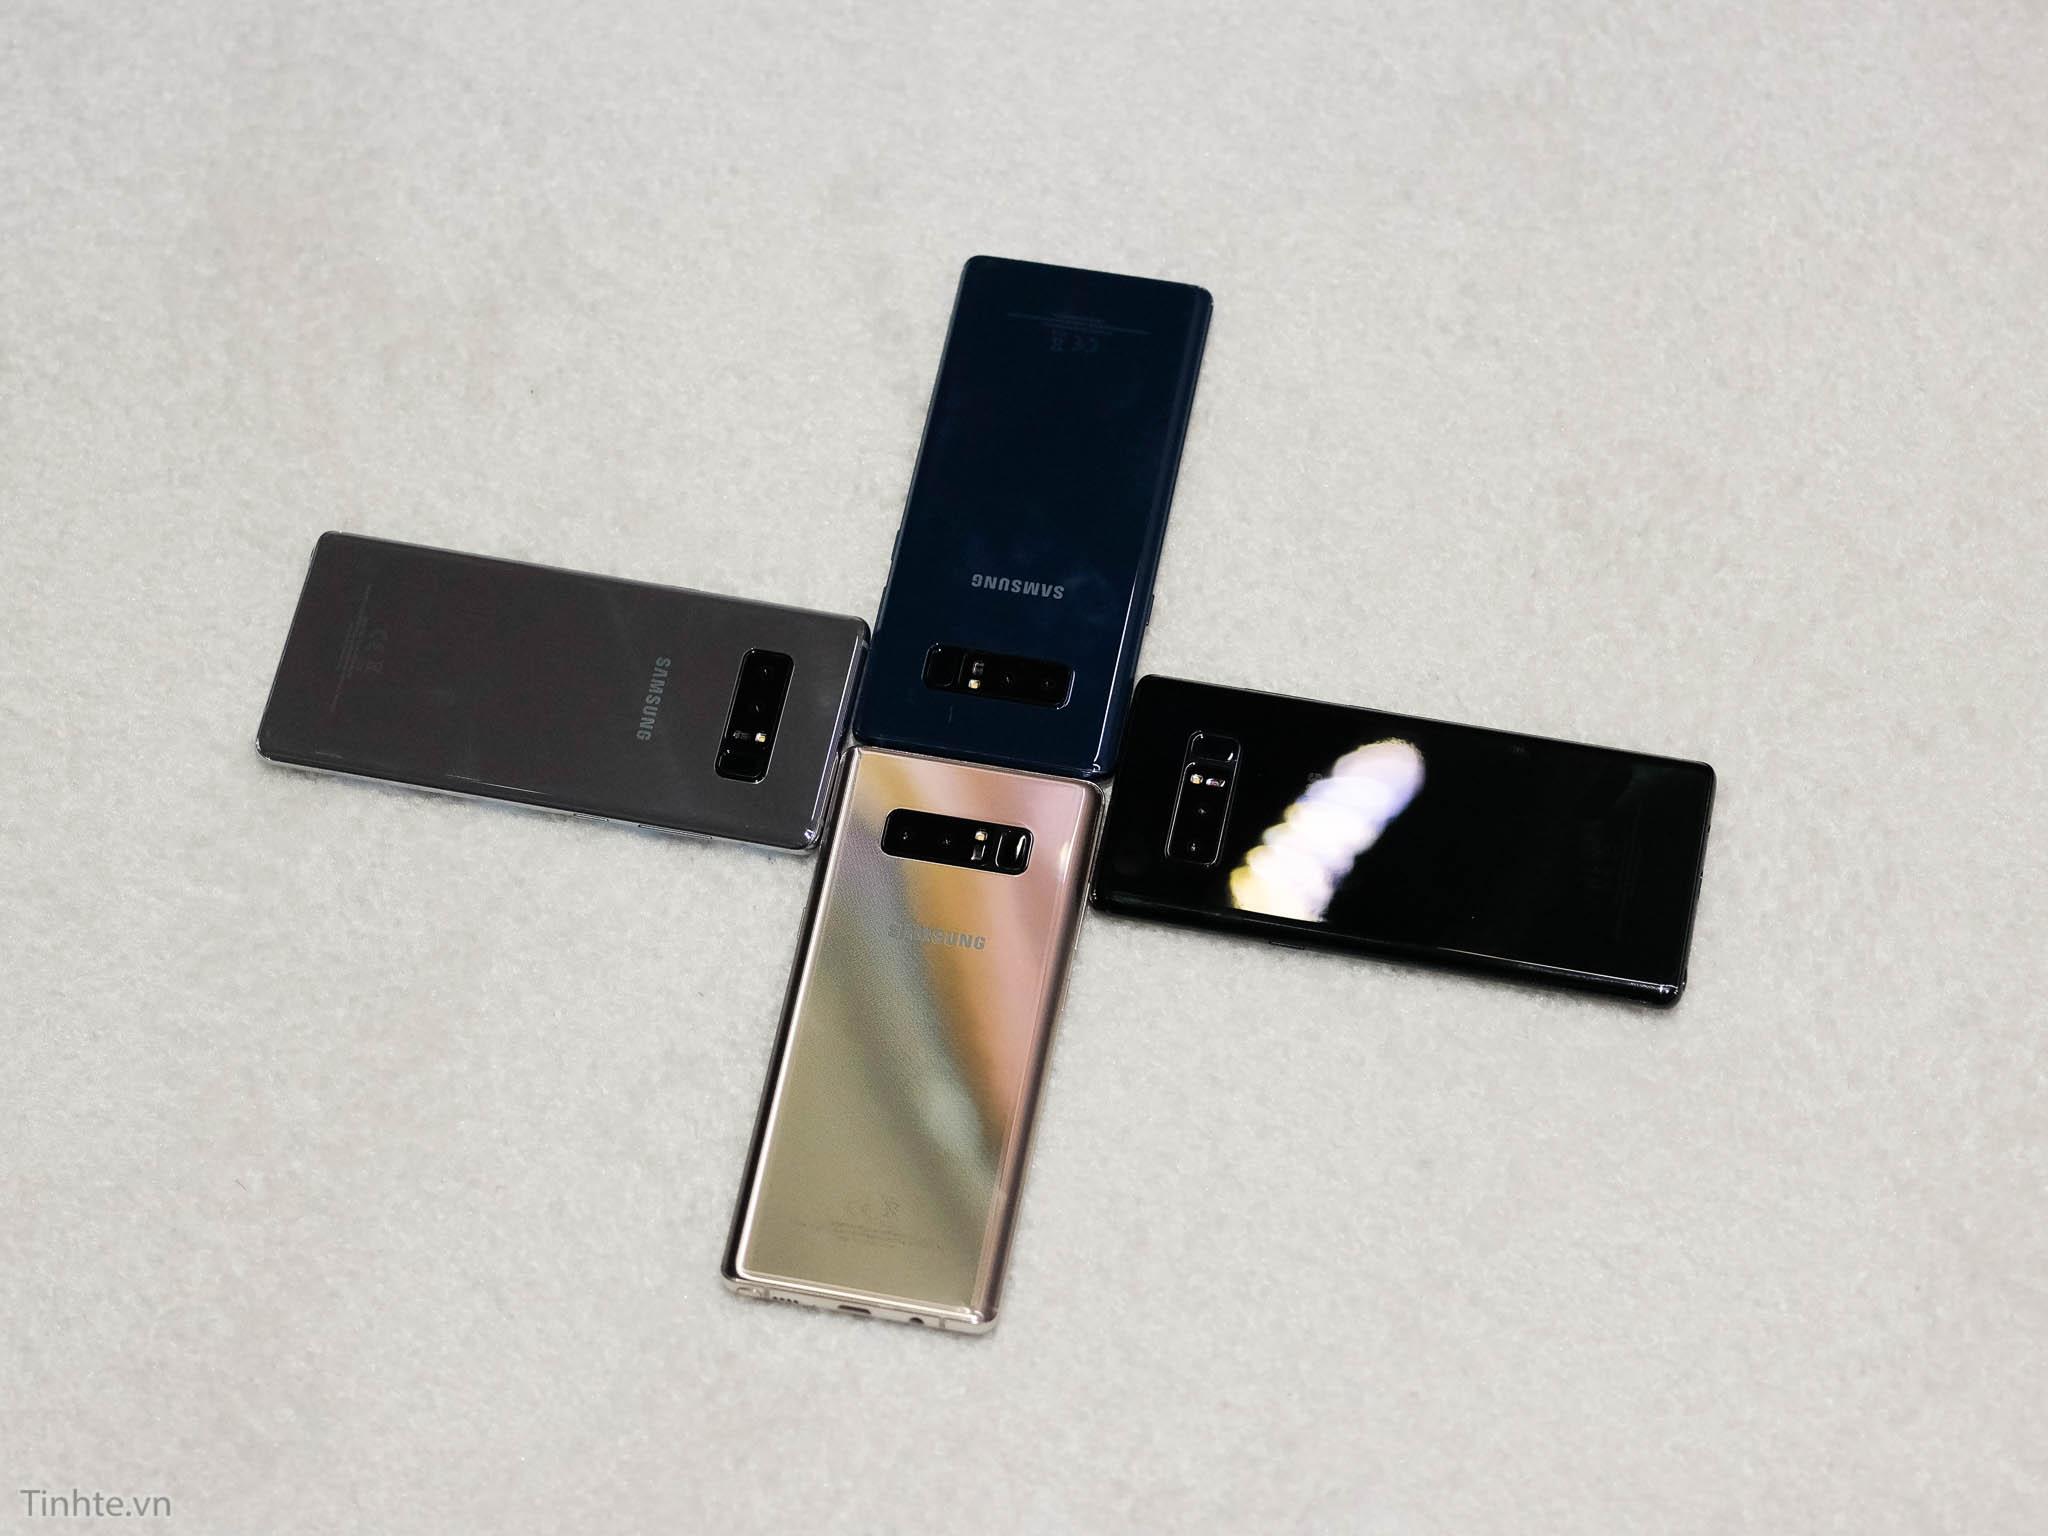 Samsung_Galaxy_Note_8_tinhte.vn-25.jpg